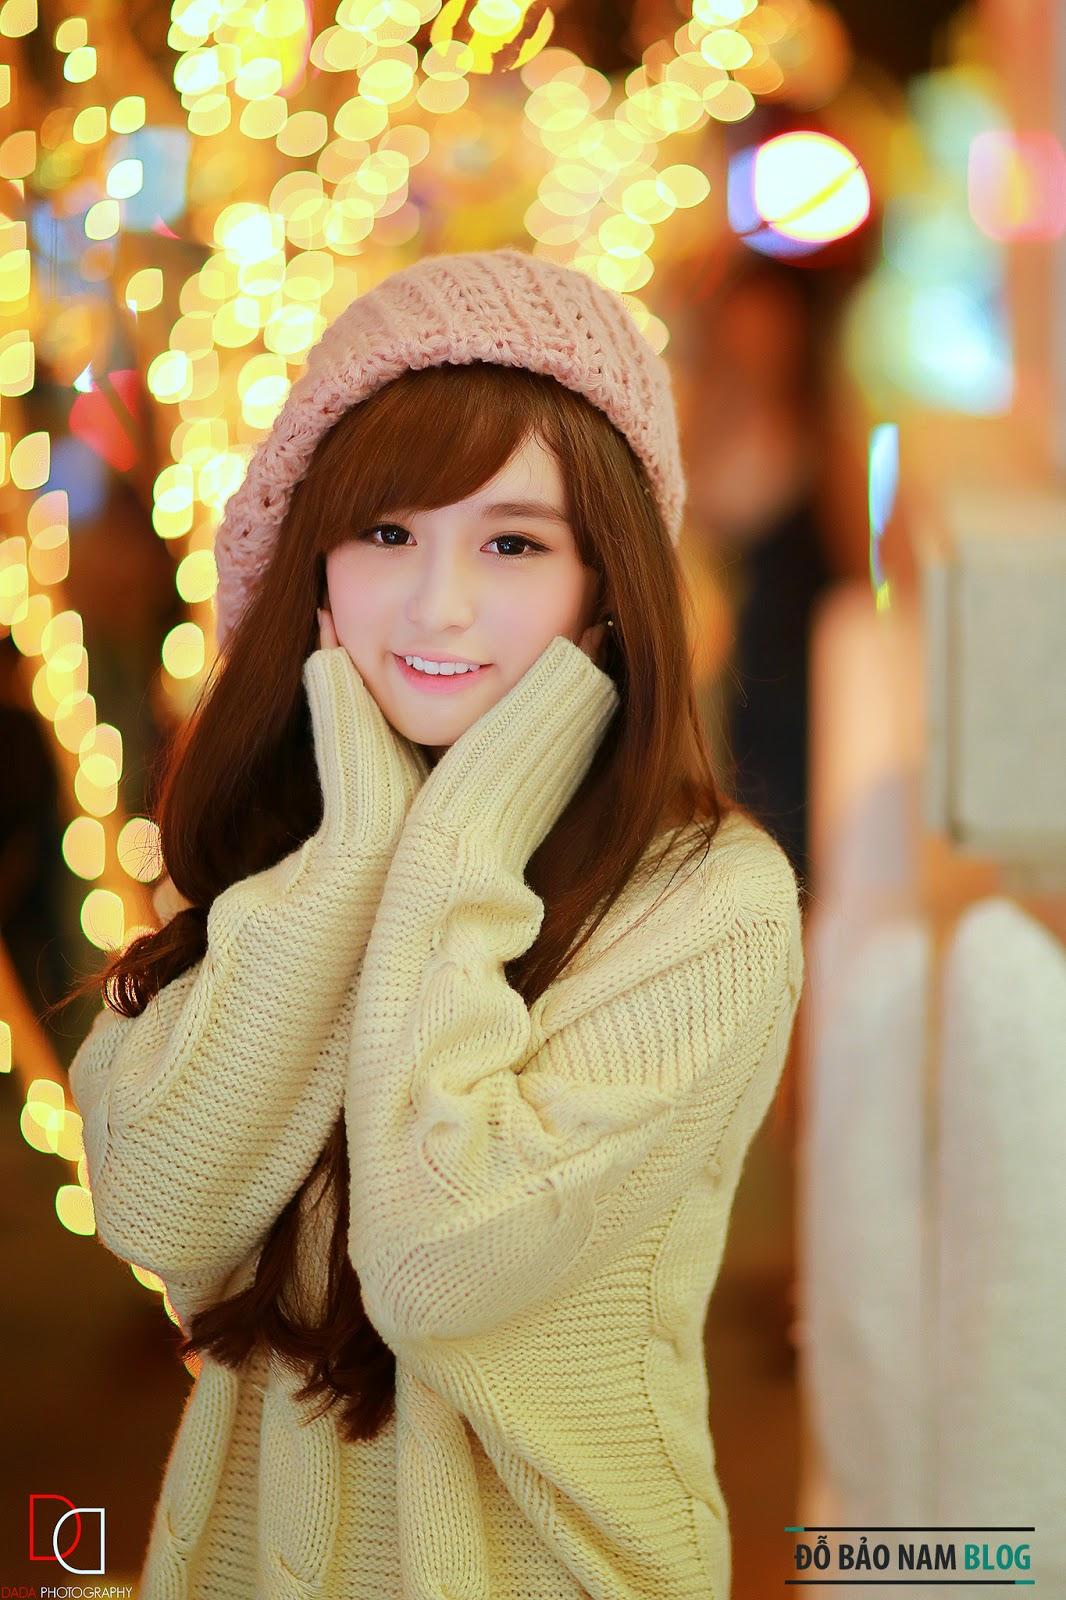 Ảnh đẹp girl xinh mới nhất 2014 được tuyển chọn 04